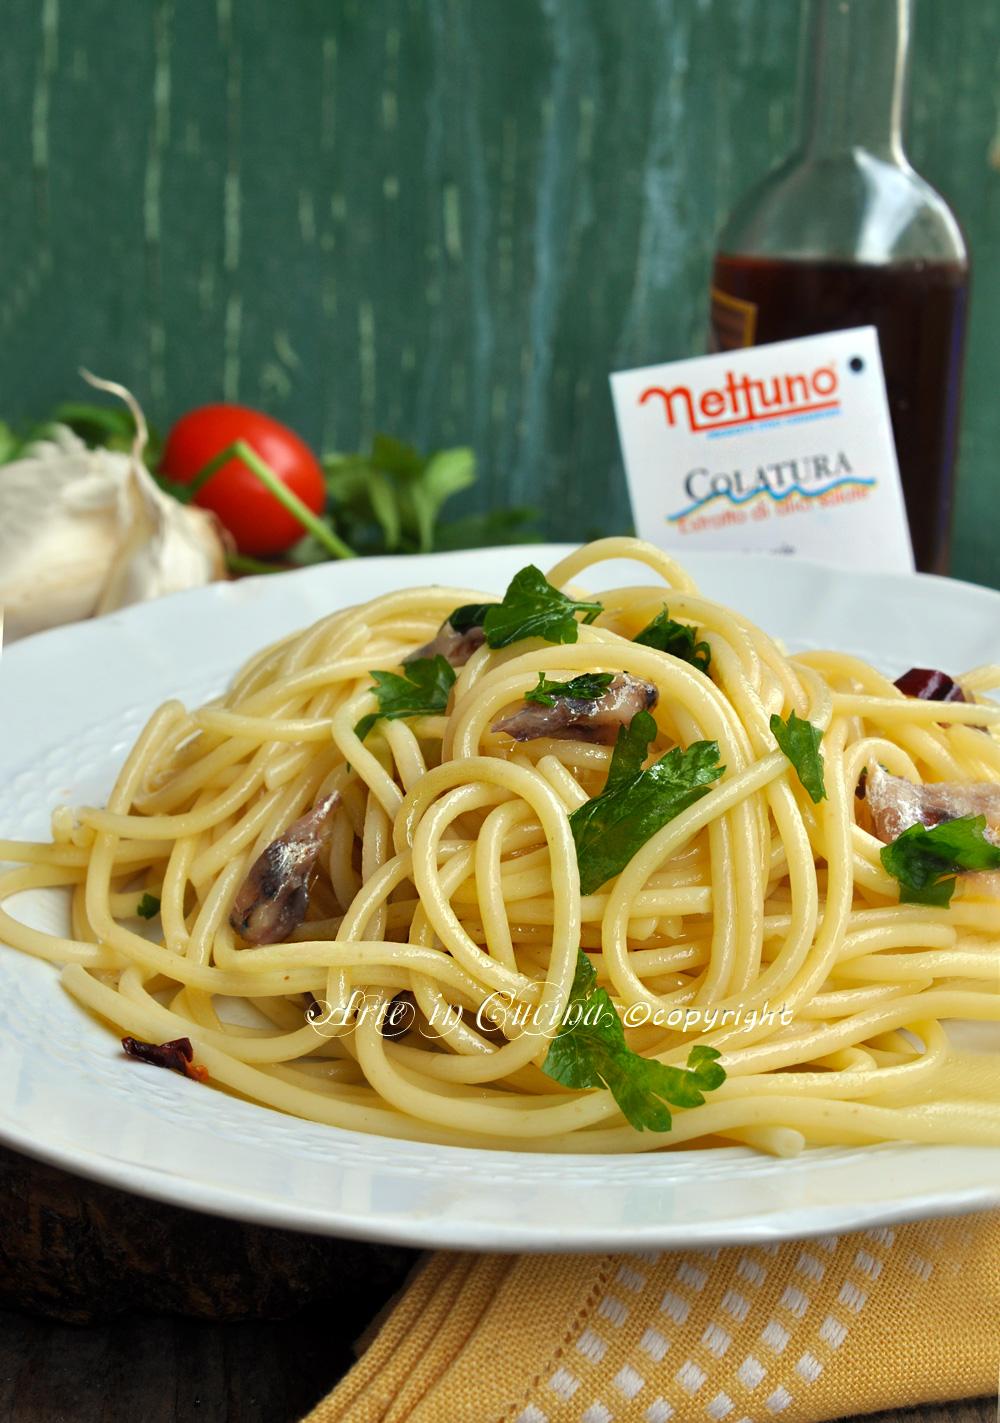 Spaghetti con colatura di alici di cetara ricetta arte in cucina